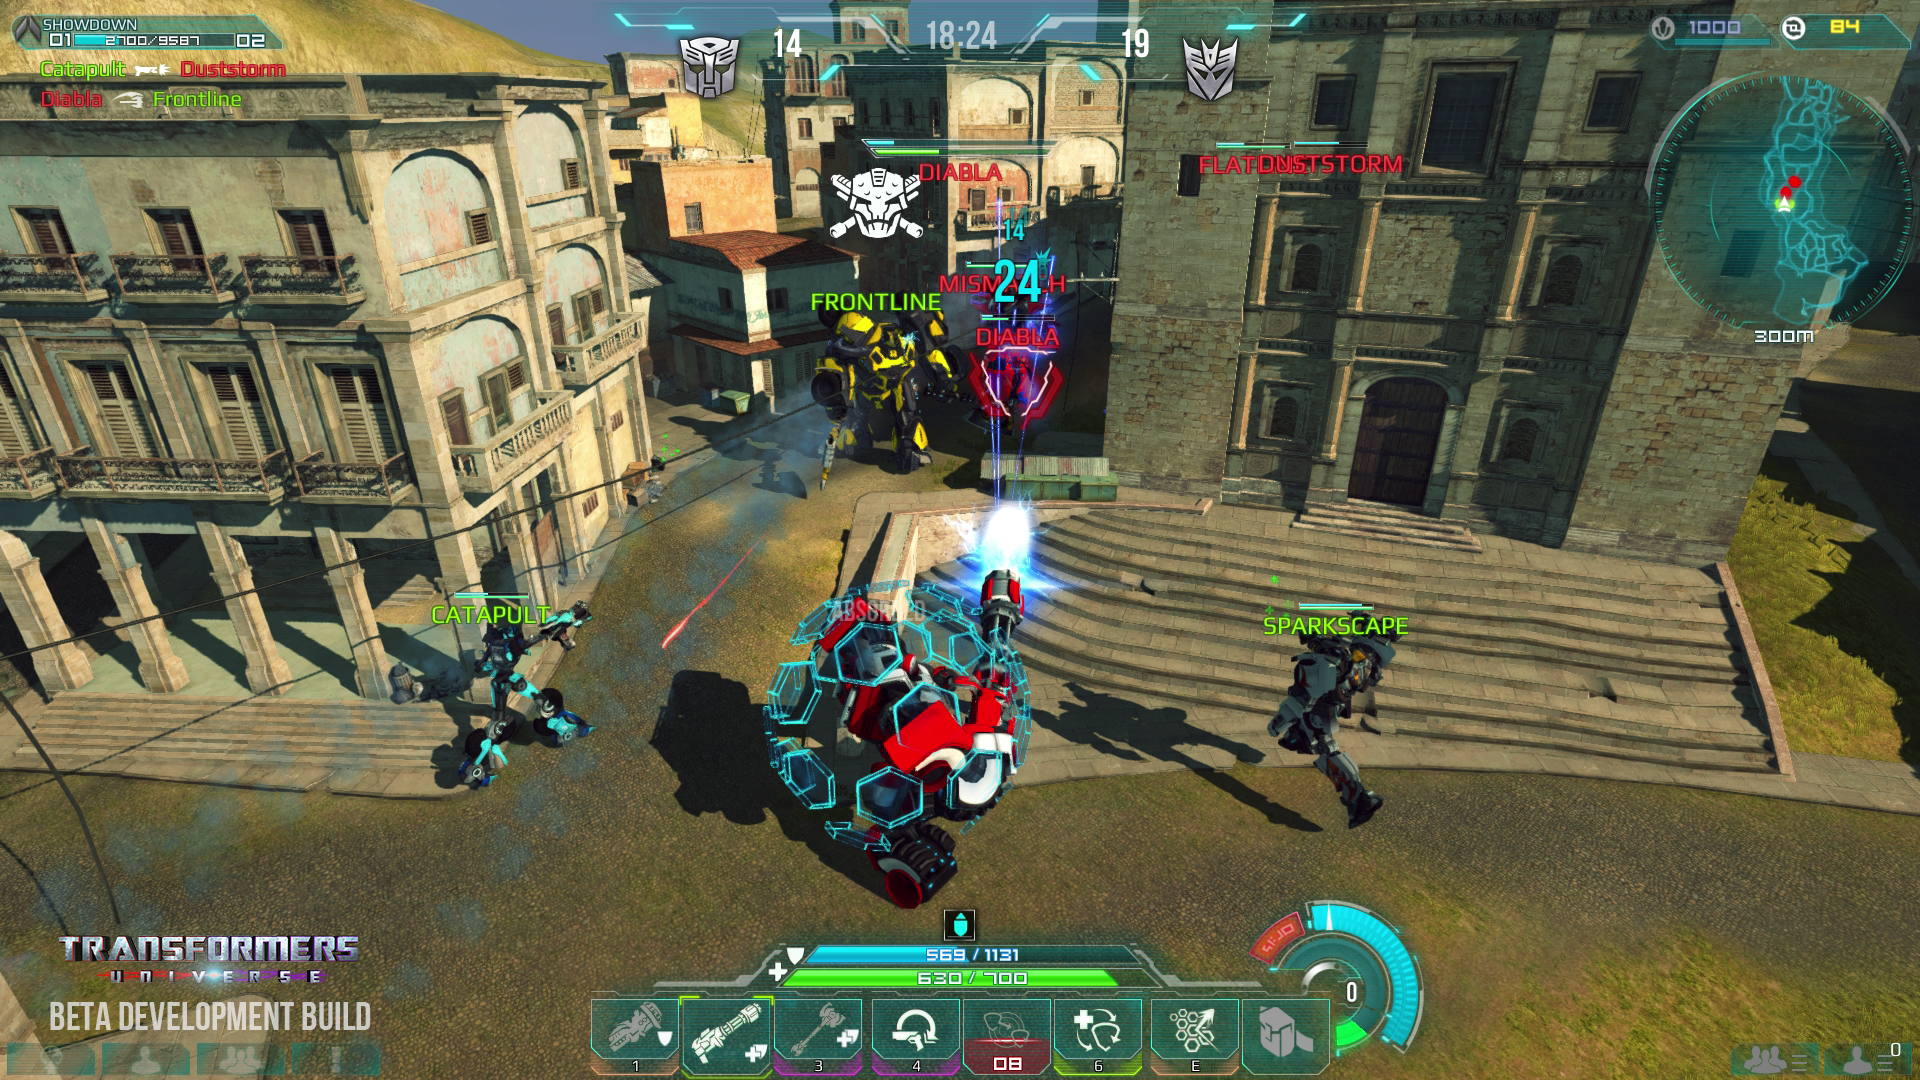 Loạt ảnh tuyệt đẹp về MOTA Transformers Universe - Ảnh 12